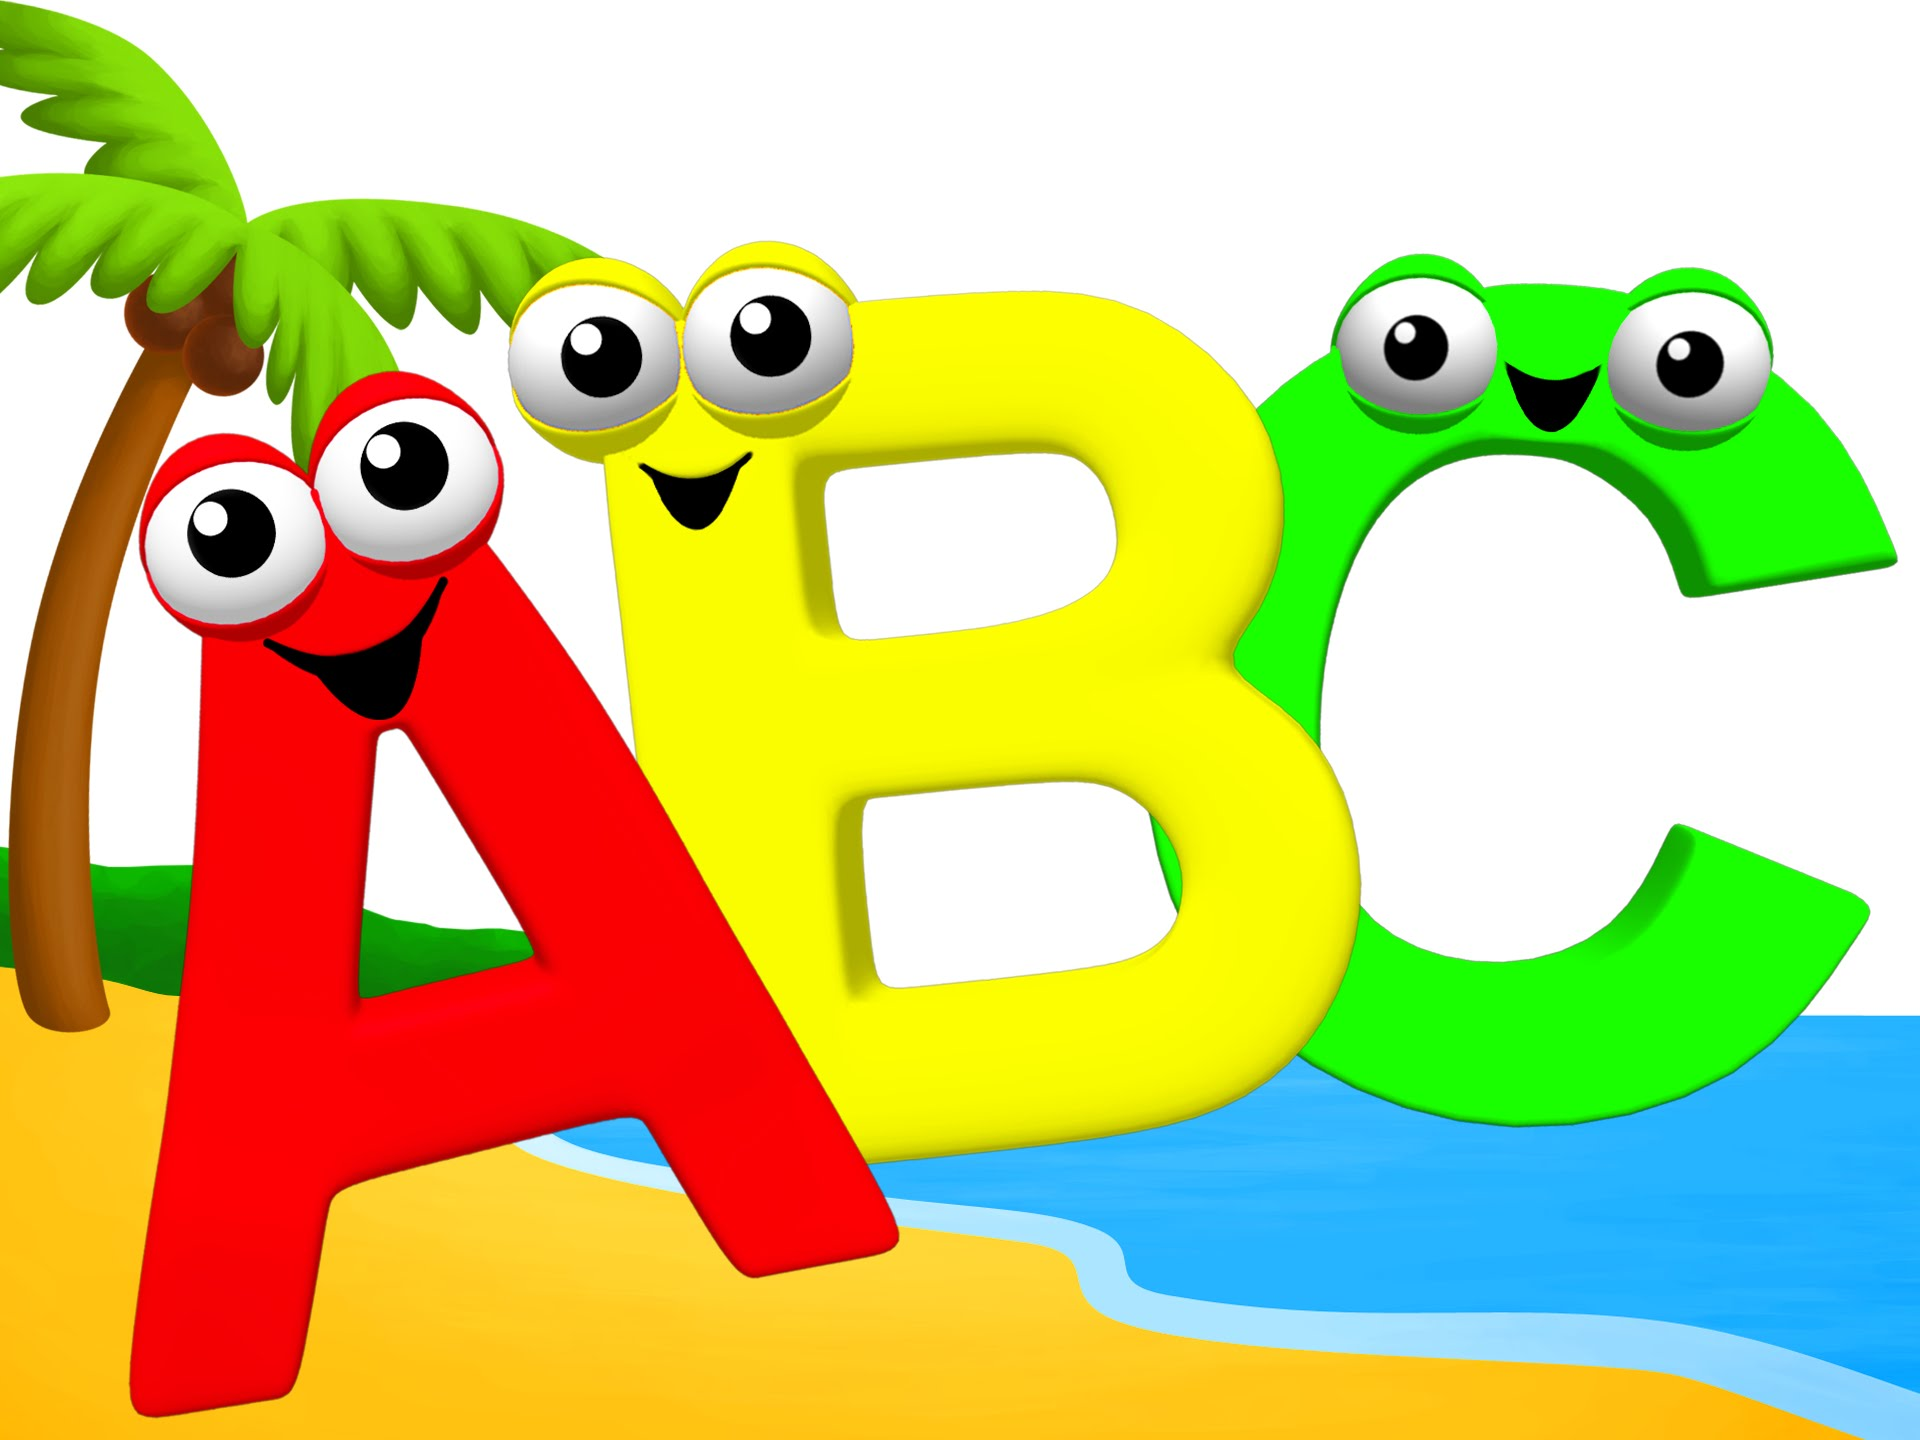 3d alphabet letters clipart svg transparent Alphabet Letter Pictures | Free download best Alphabet Letter ... svg transparent